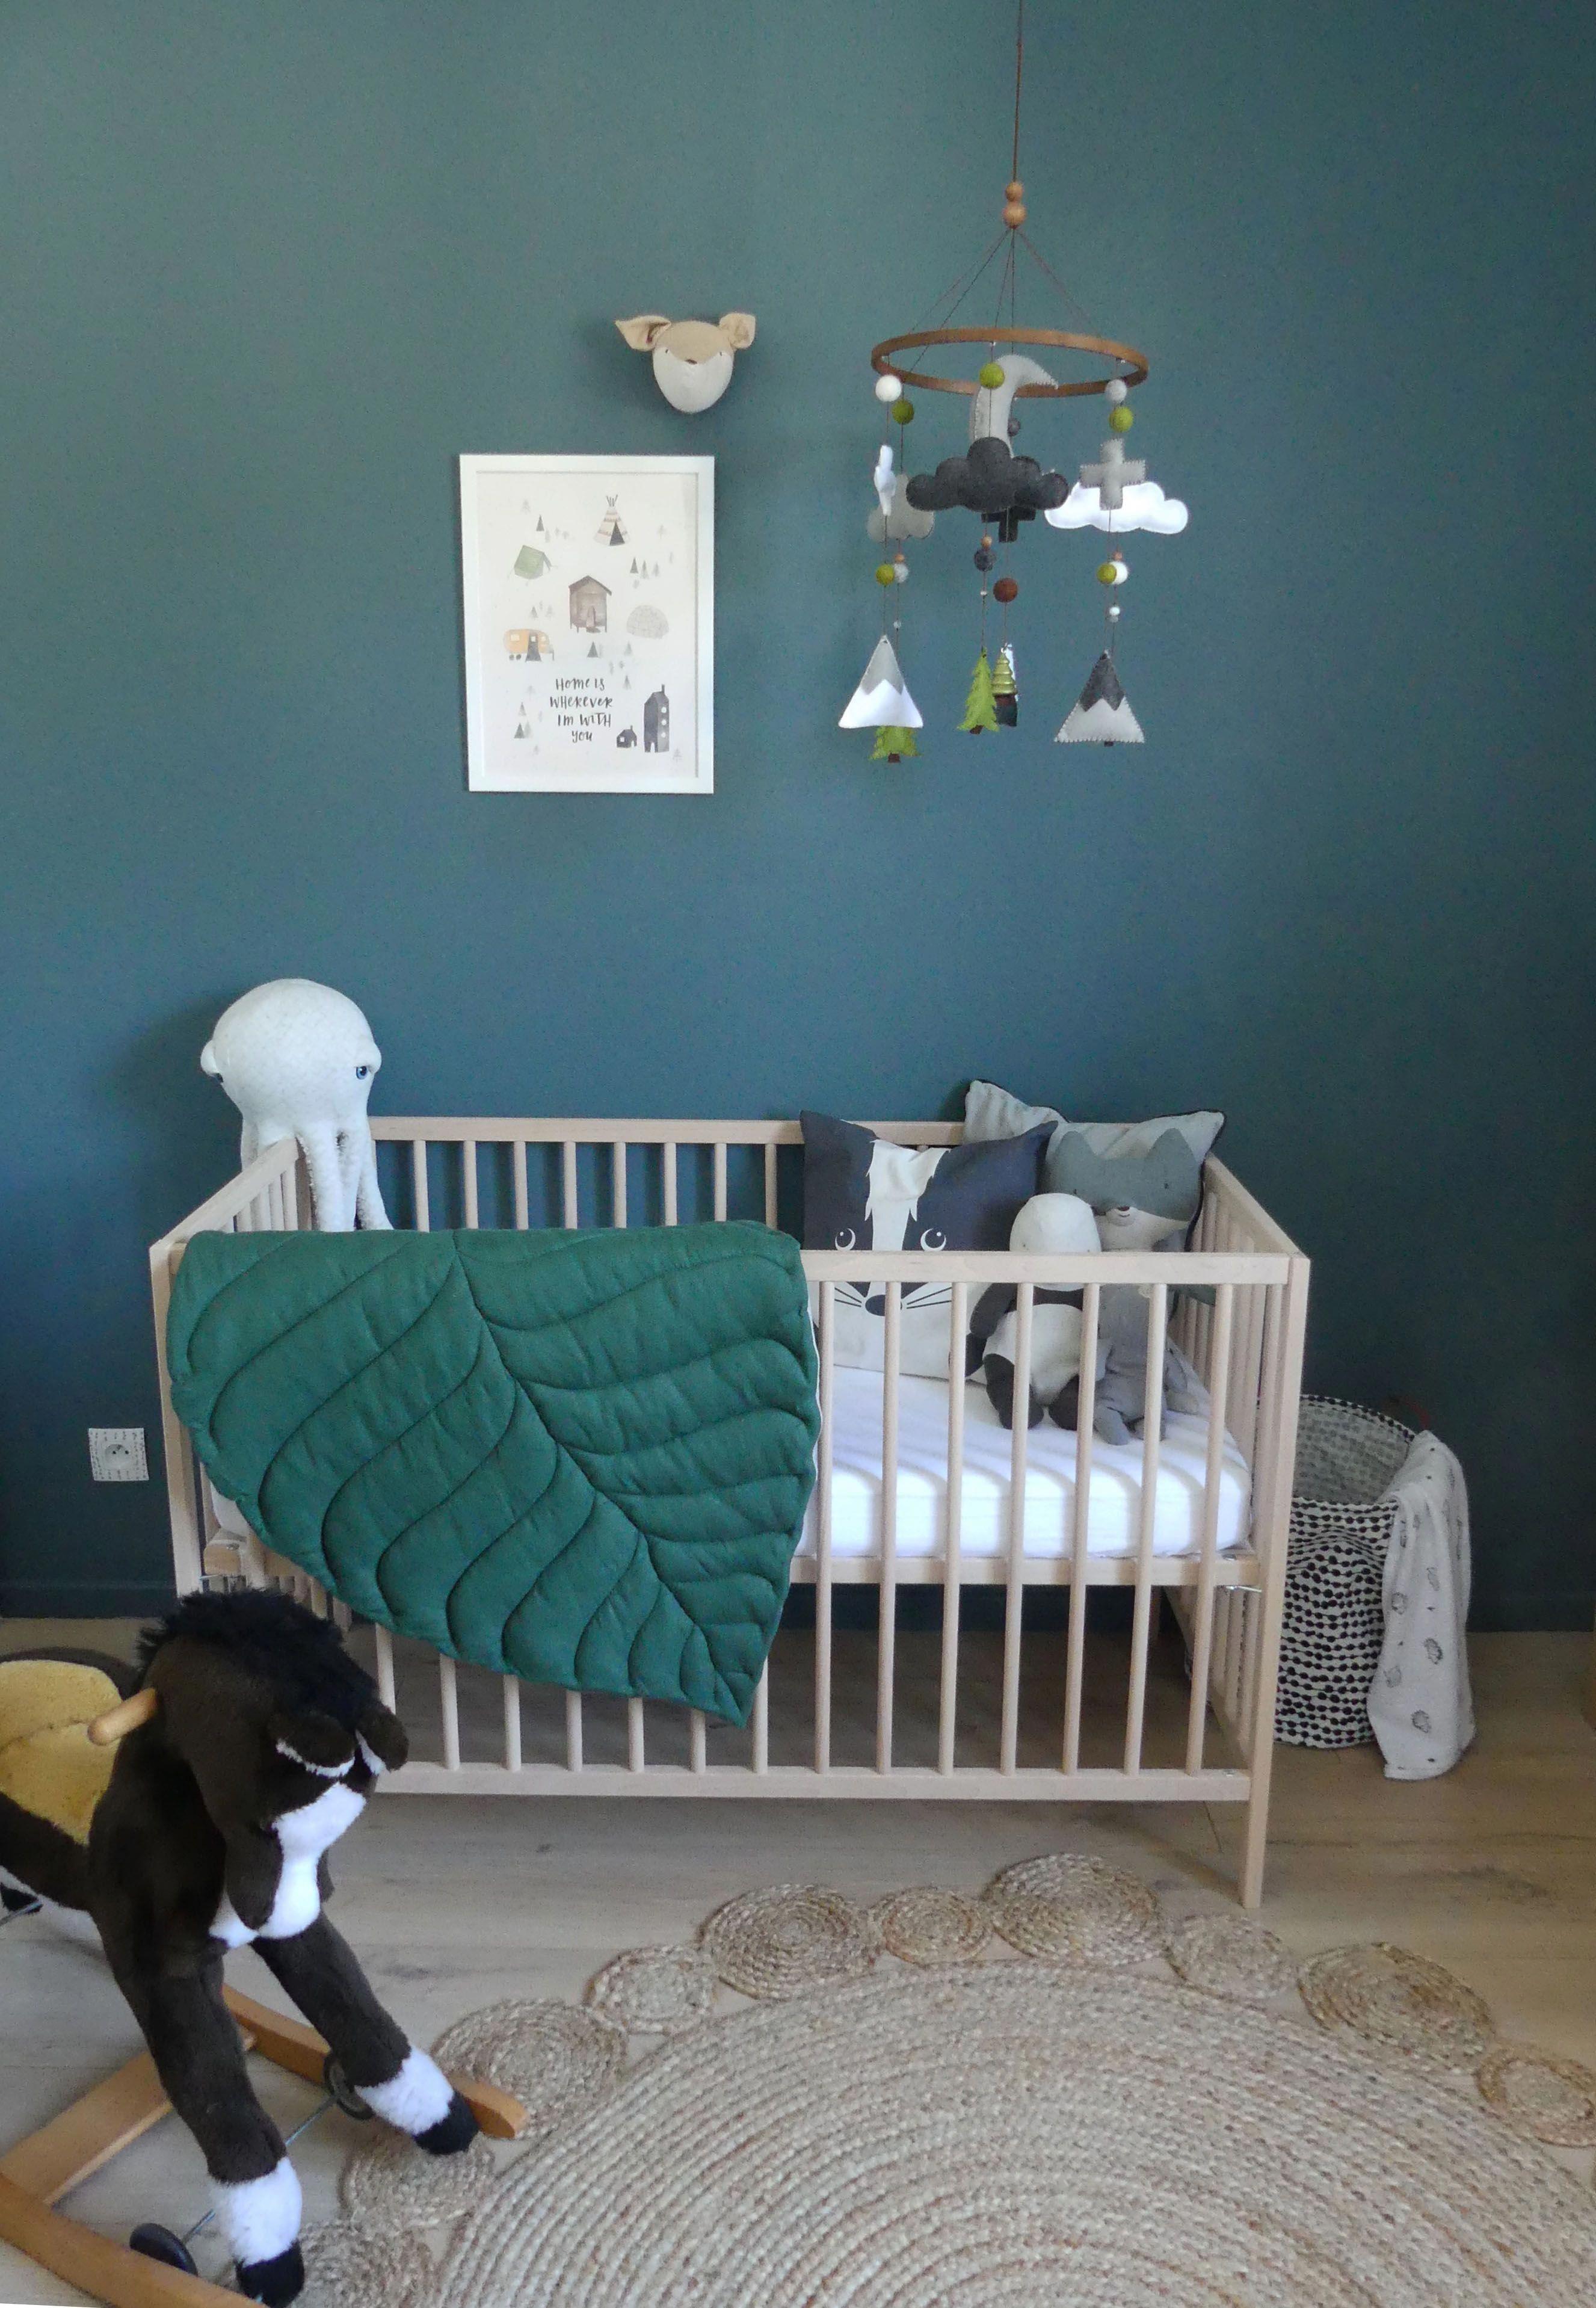 Chambre De Bébé Garçon Gris Bleu Et Vert, Inspiration Scandinave, Mixte,  Neutre Et Chaleureuse. Lit Ikea. #bricolagemaisonchambre